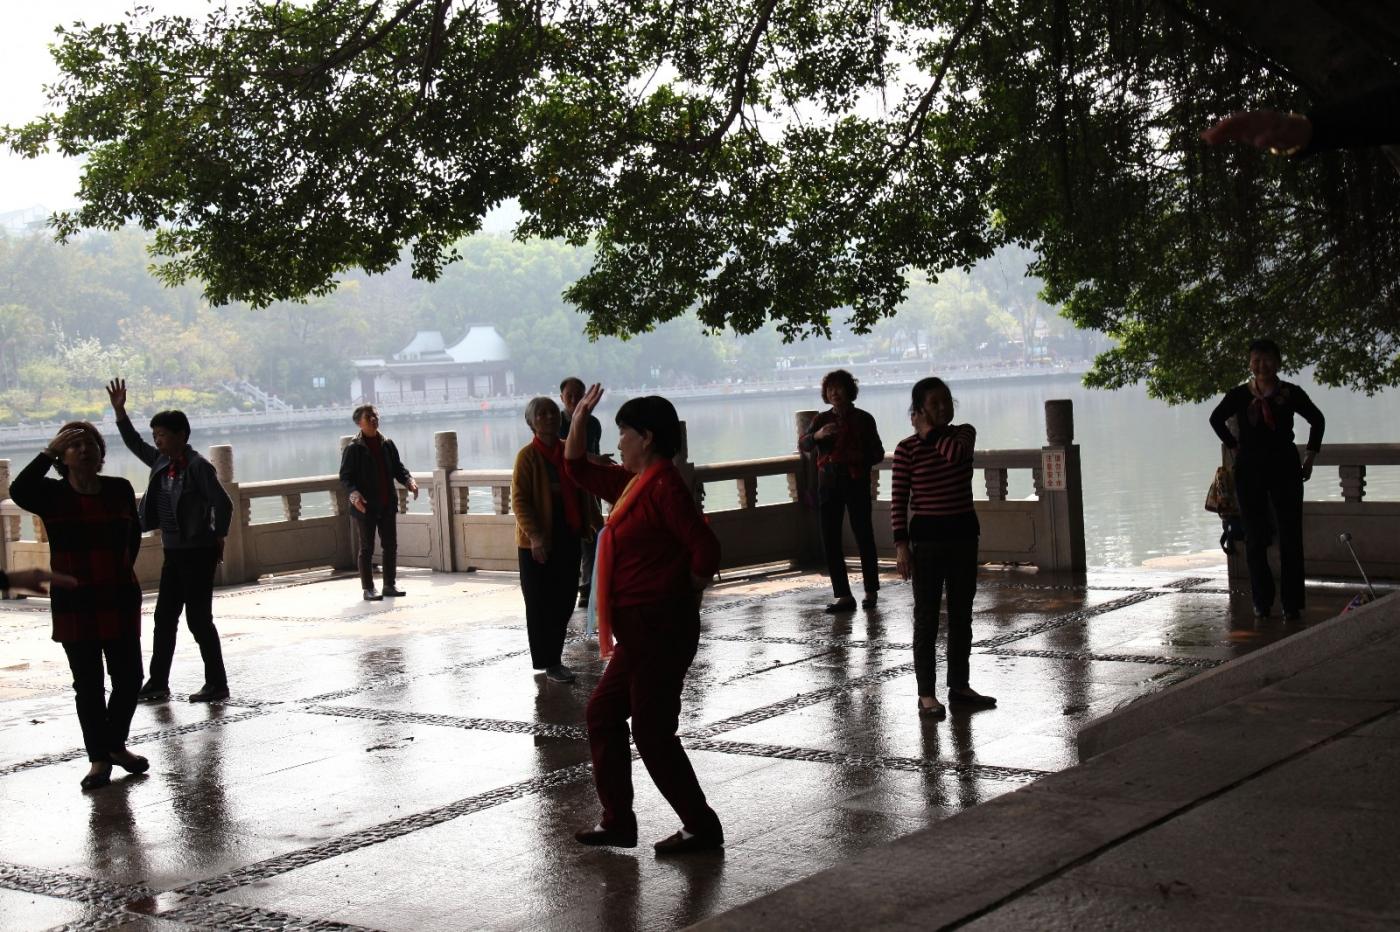 福州西湖公园,美景如画,赏心悦目,流连忘返_图1-33